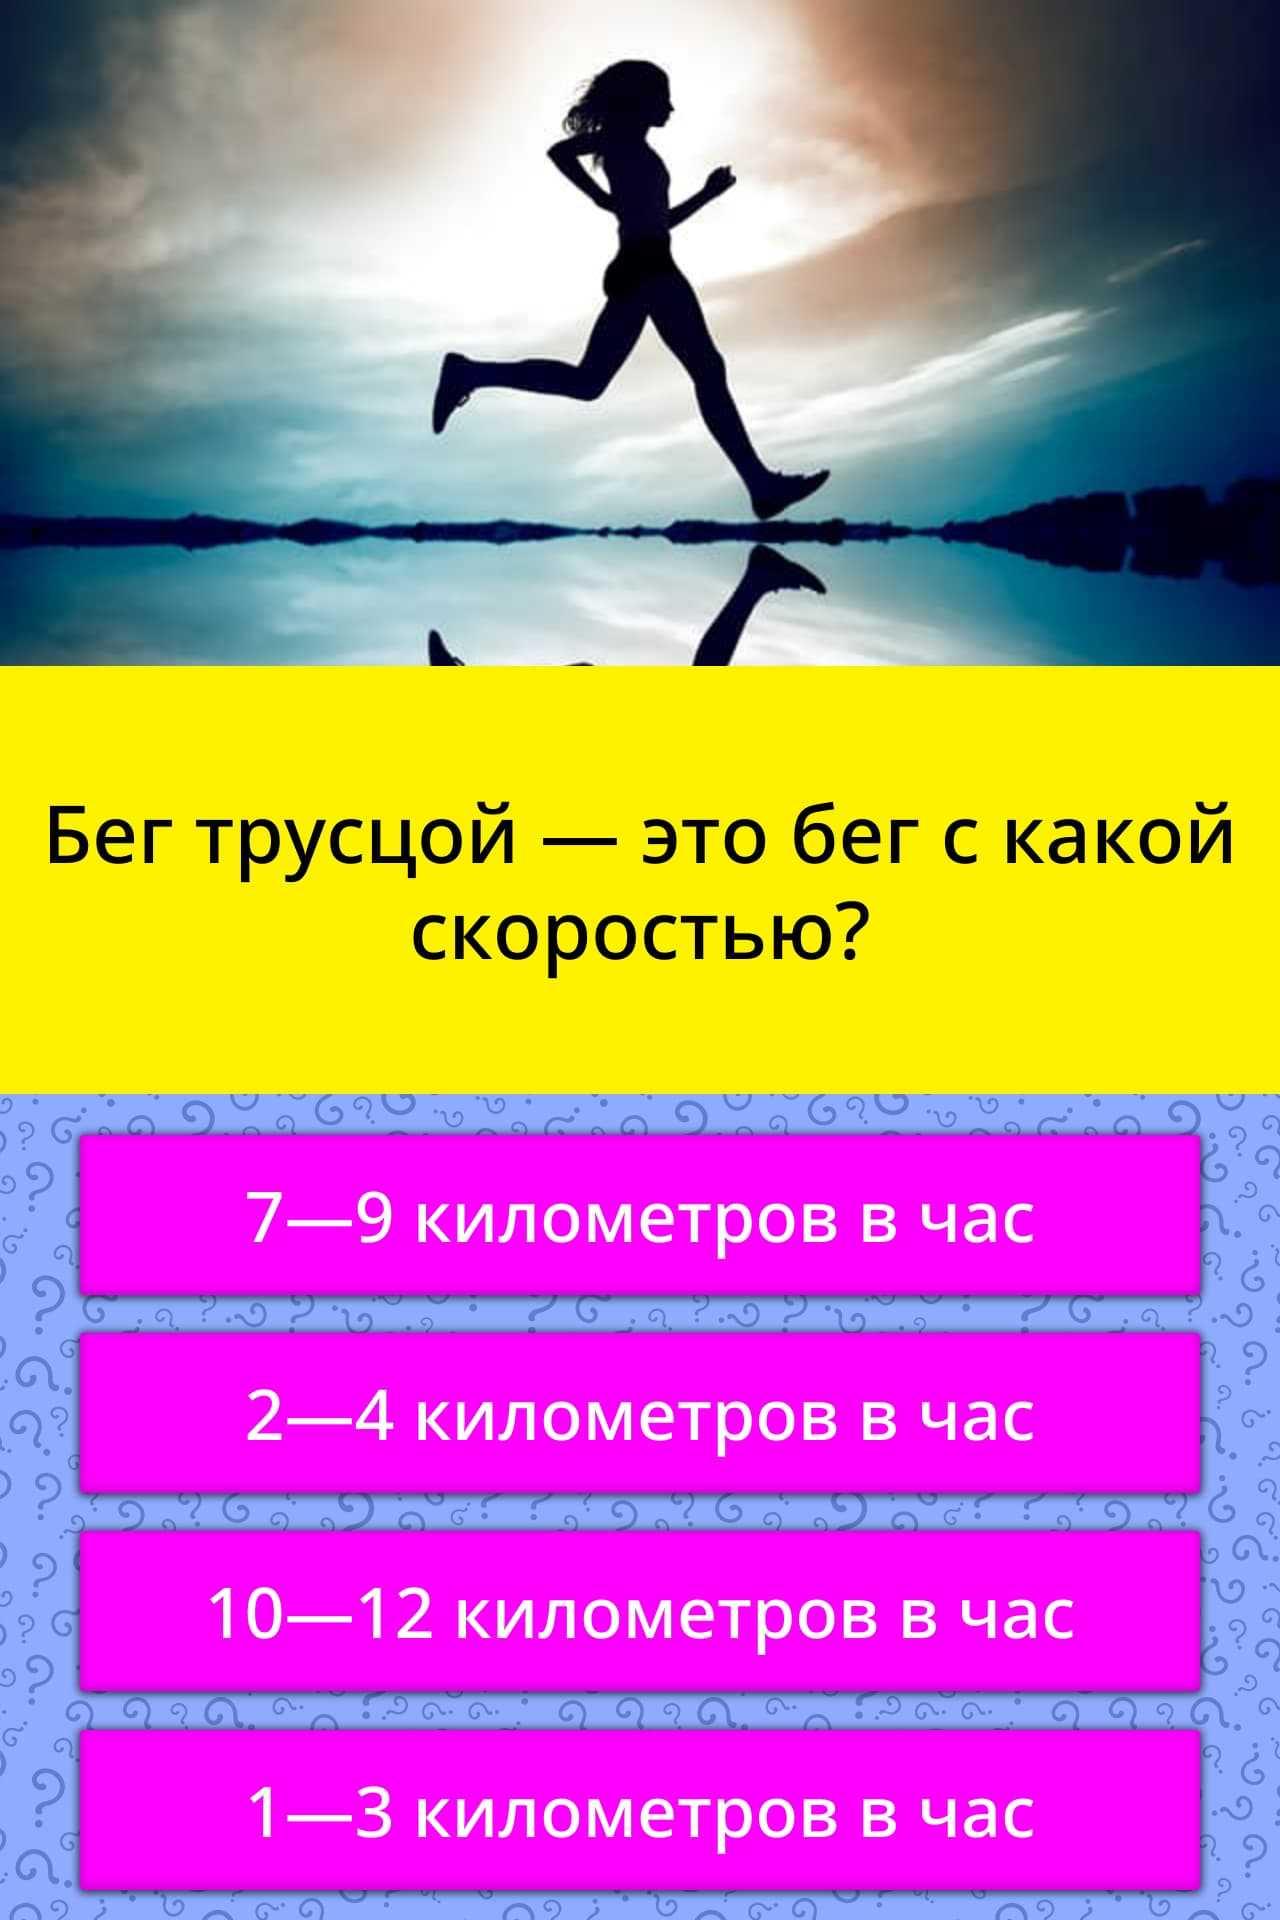 Средняя и максимальная скорость бега человека и рекорд мира